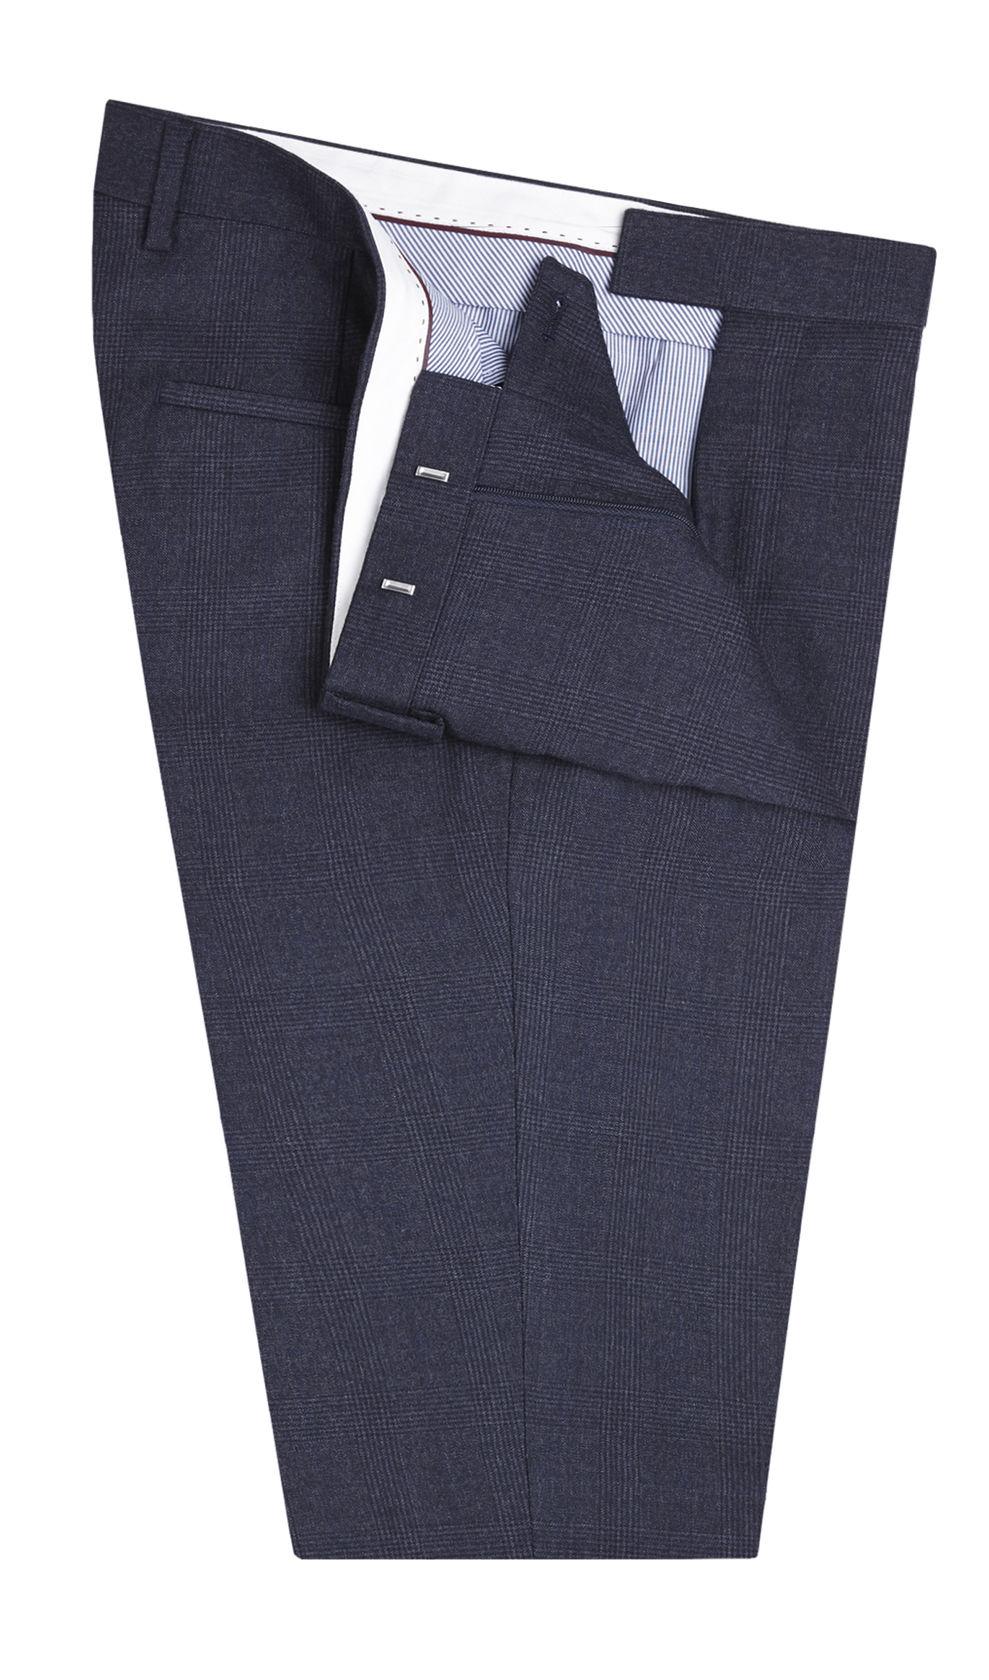 Shop mens dark grey cotton suit trouser, build customized suit trouser online. Lattest design & style